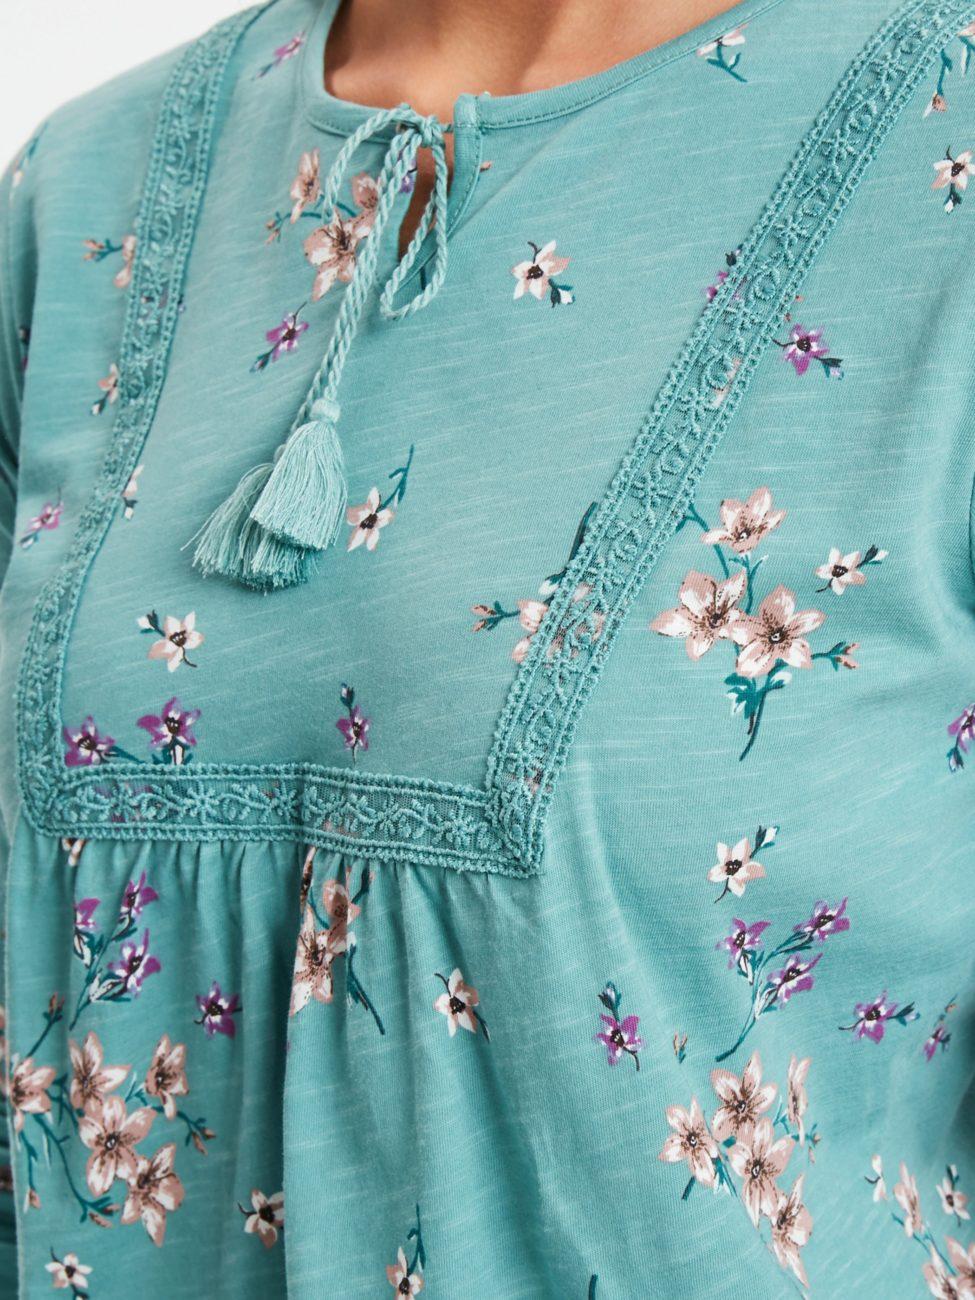 Soldes LC Waikiki Maroc T-Shirt femme 49Dhs au lieu de 109Dhs